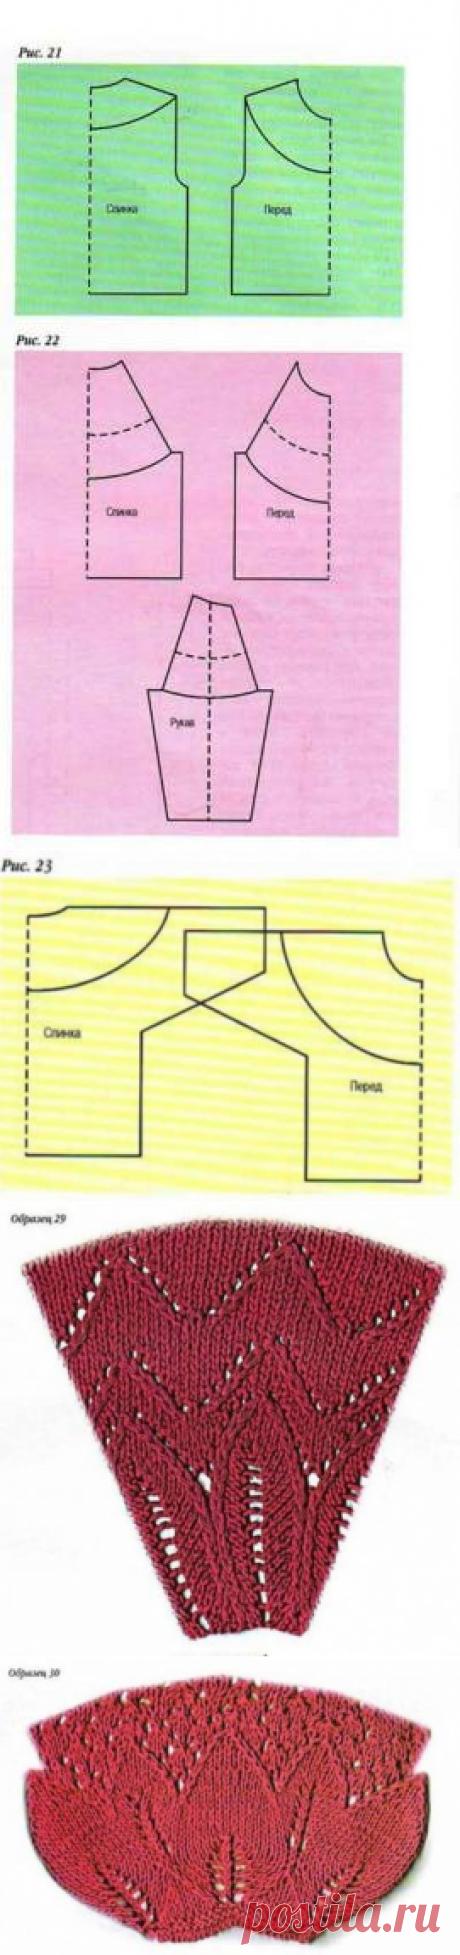 9 lecciones por la labor de punto de la coqueta por los rayos